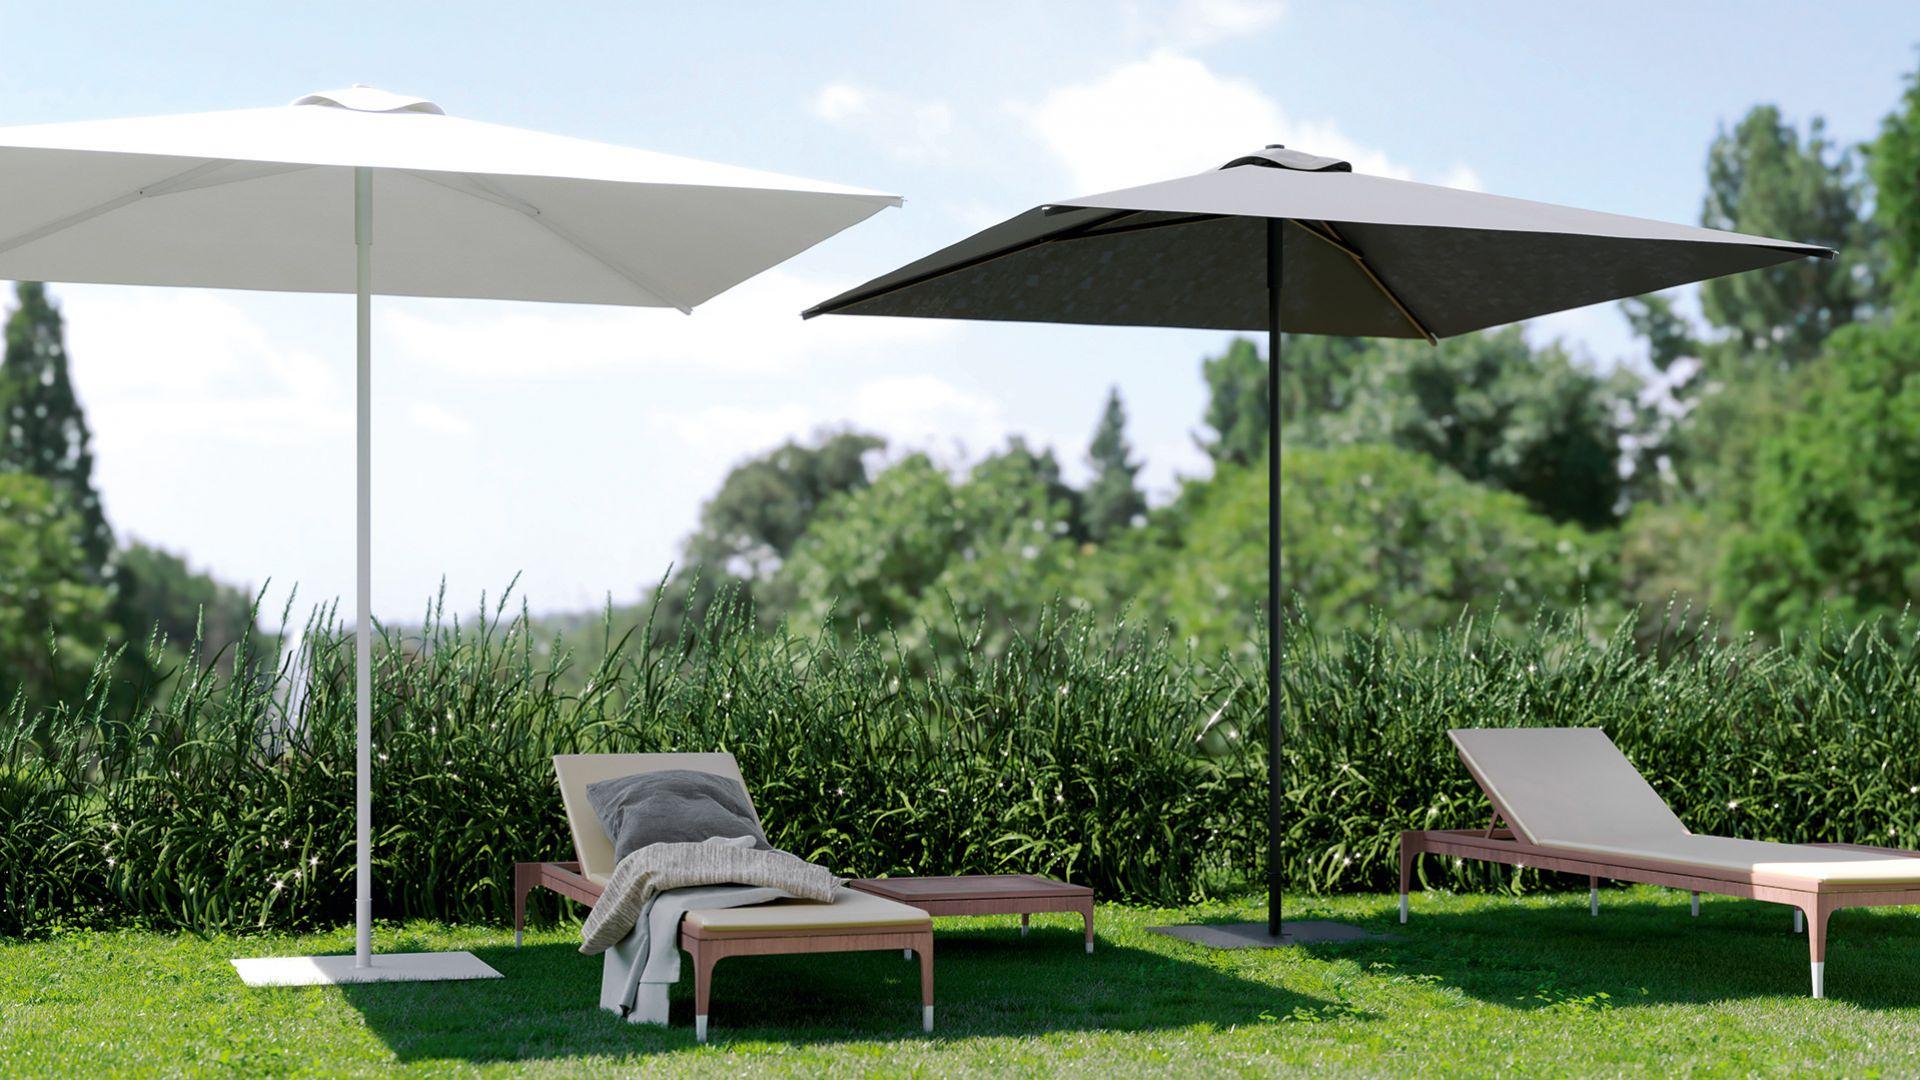 promo ombrellone ocean antracite di ombrellificio veneto